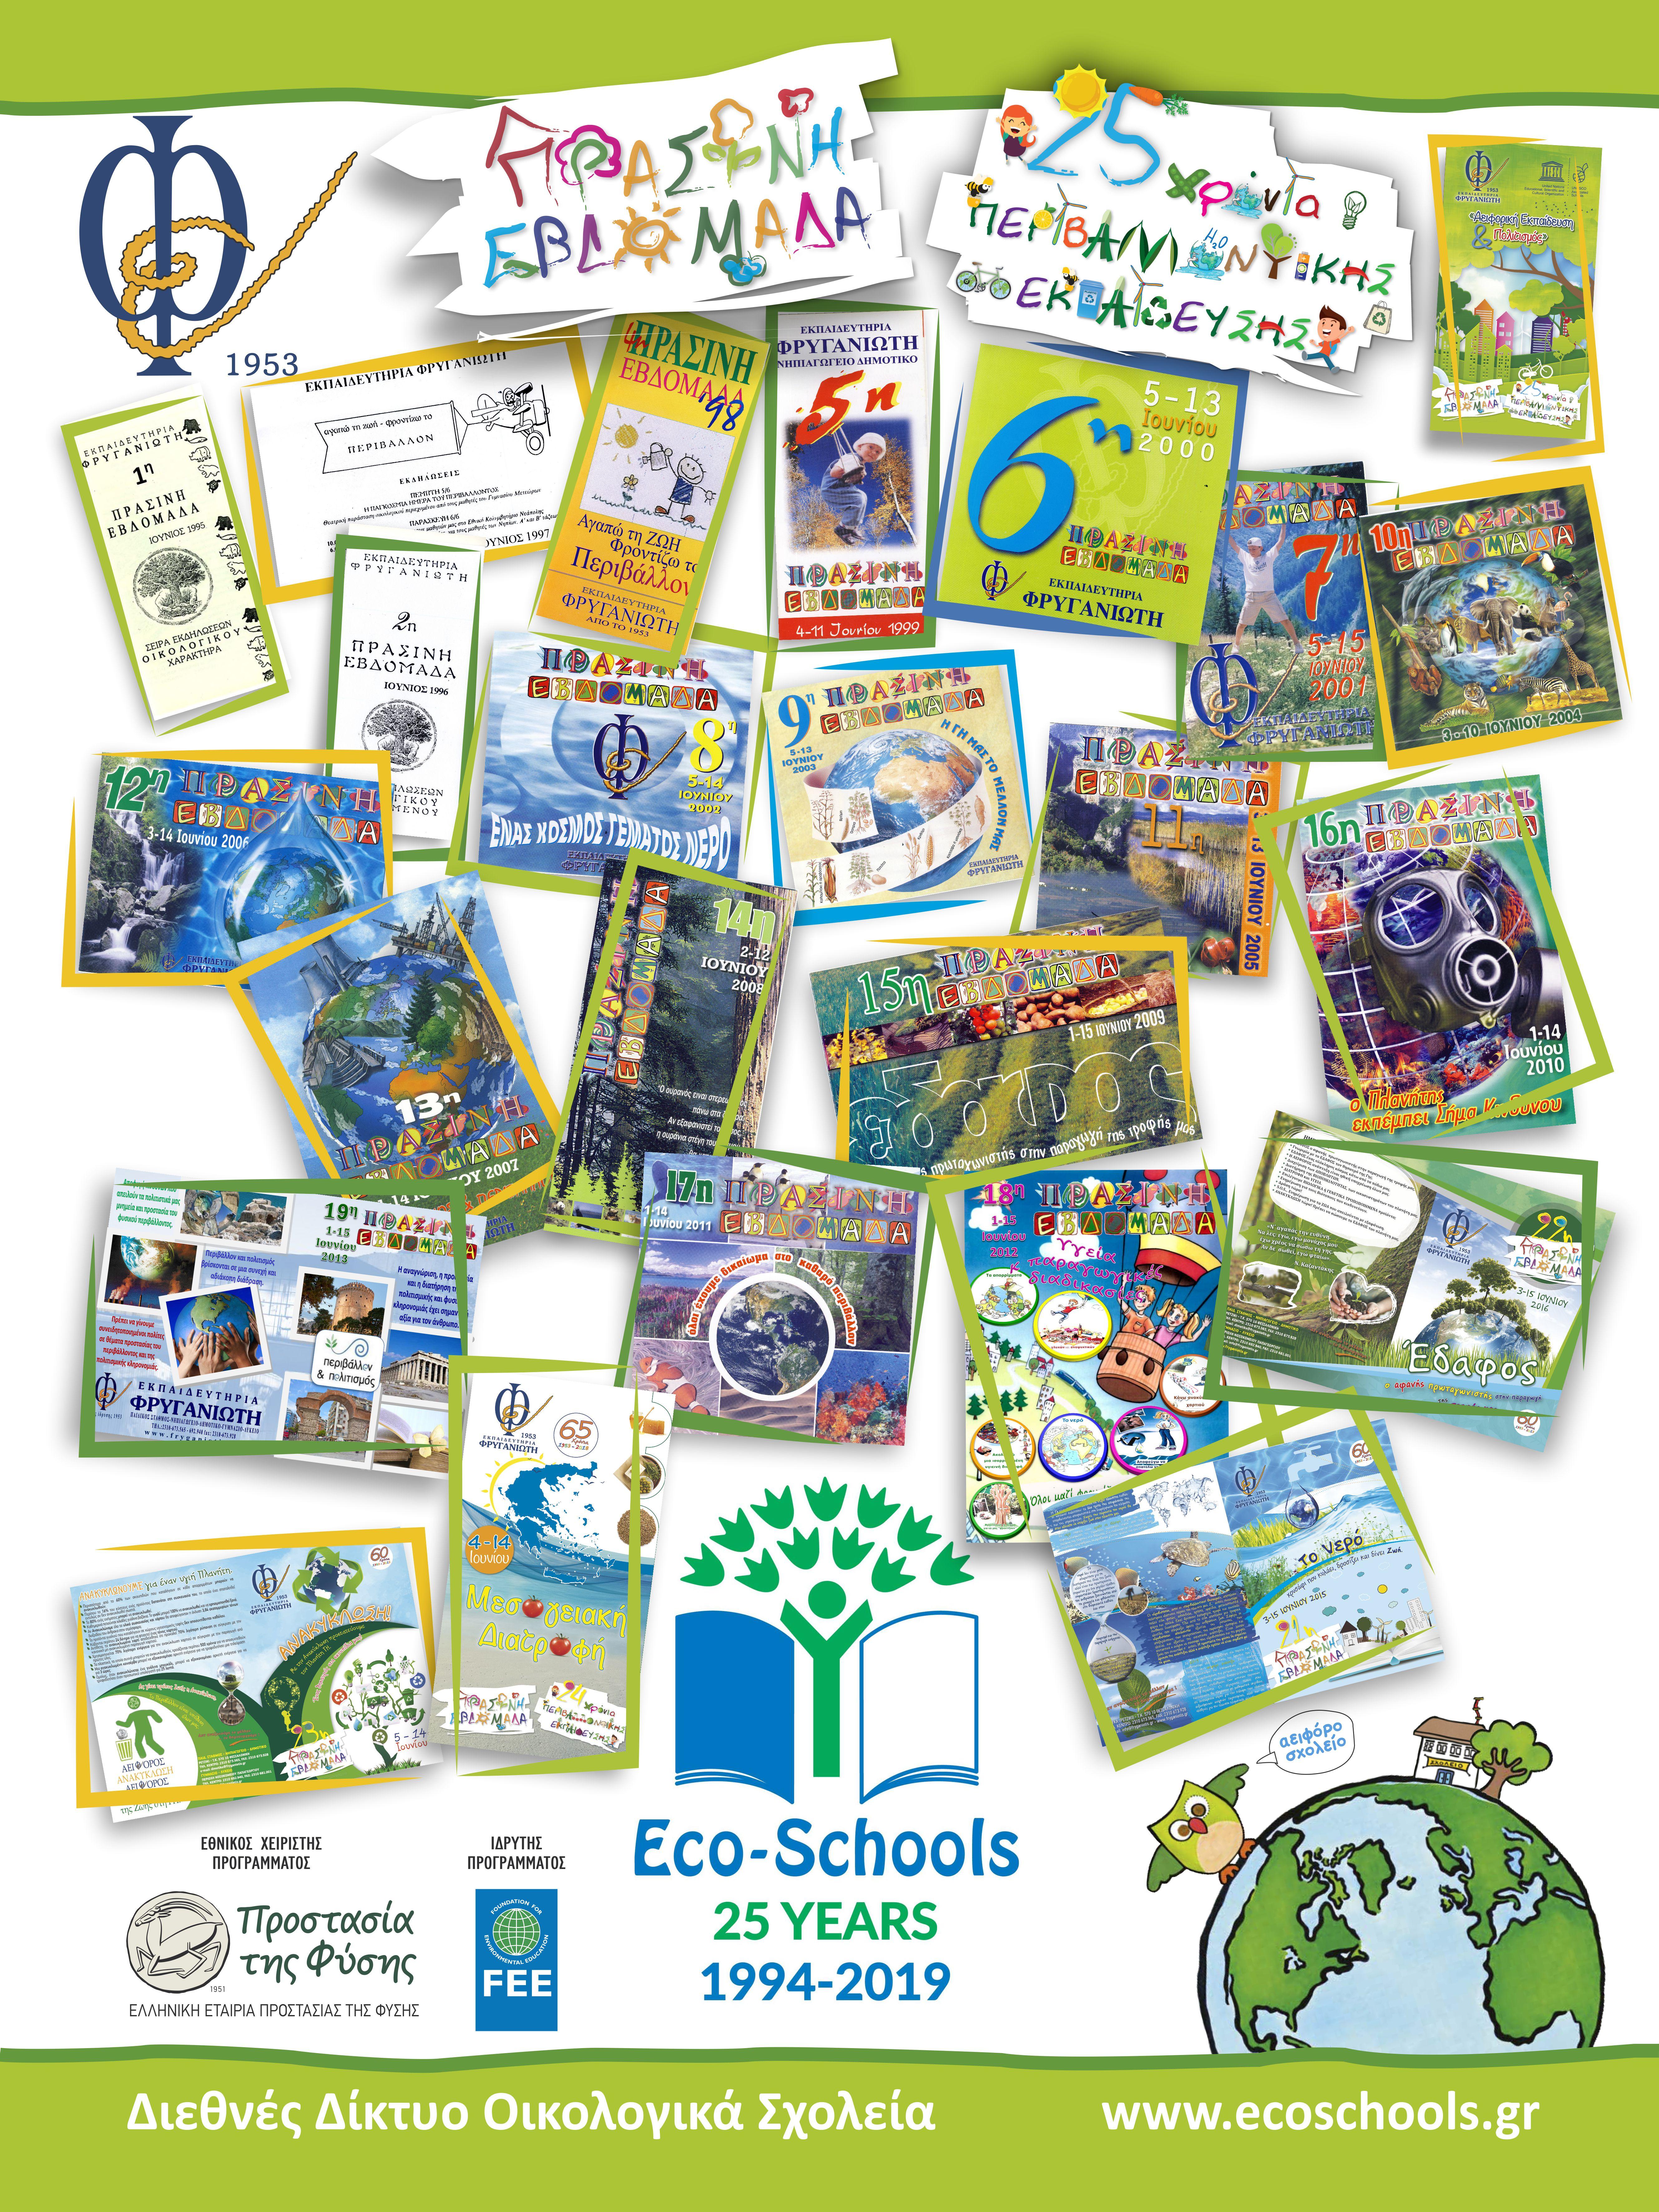 Πόστερ 25 Χρόνια Περιβαλλοντικής Εκπαίδευσης